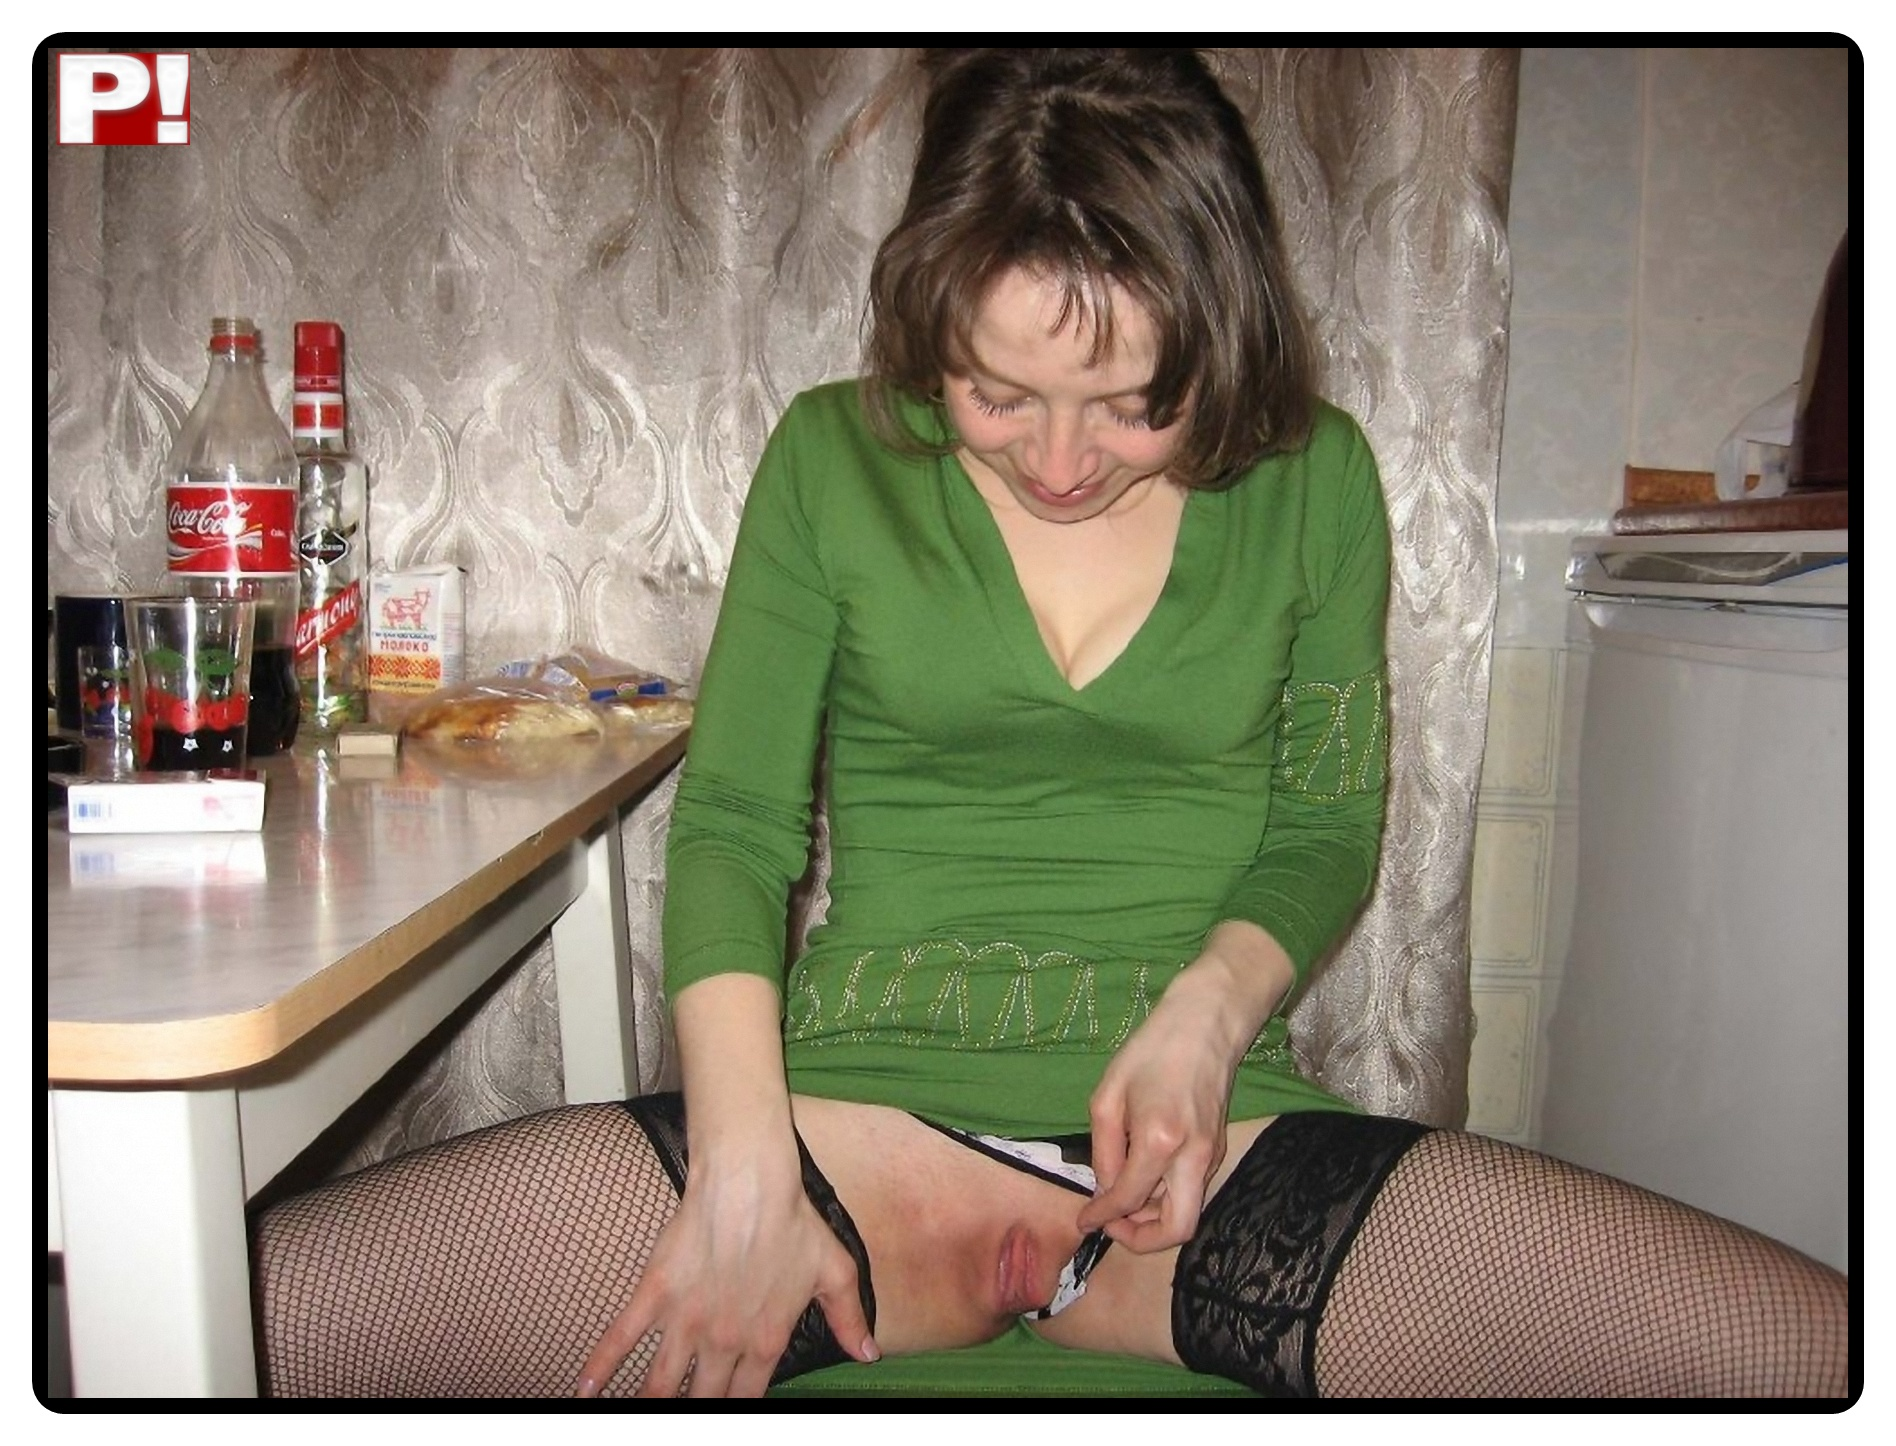 Пьяная любовница фото, Голая пьяная жена Фото свингеров 6 фотография